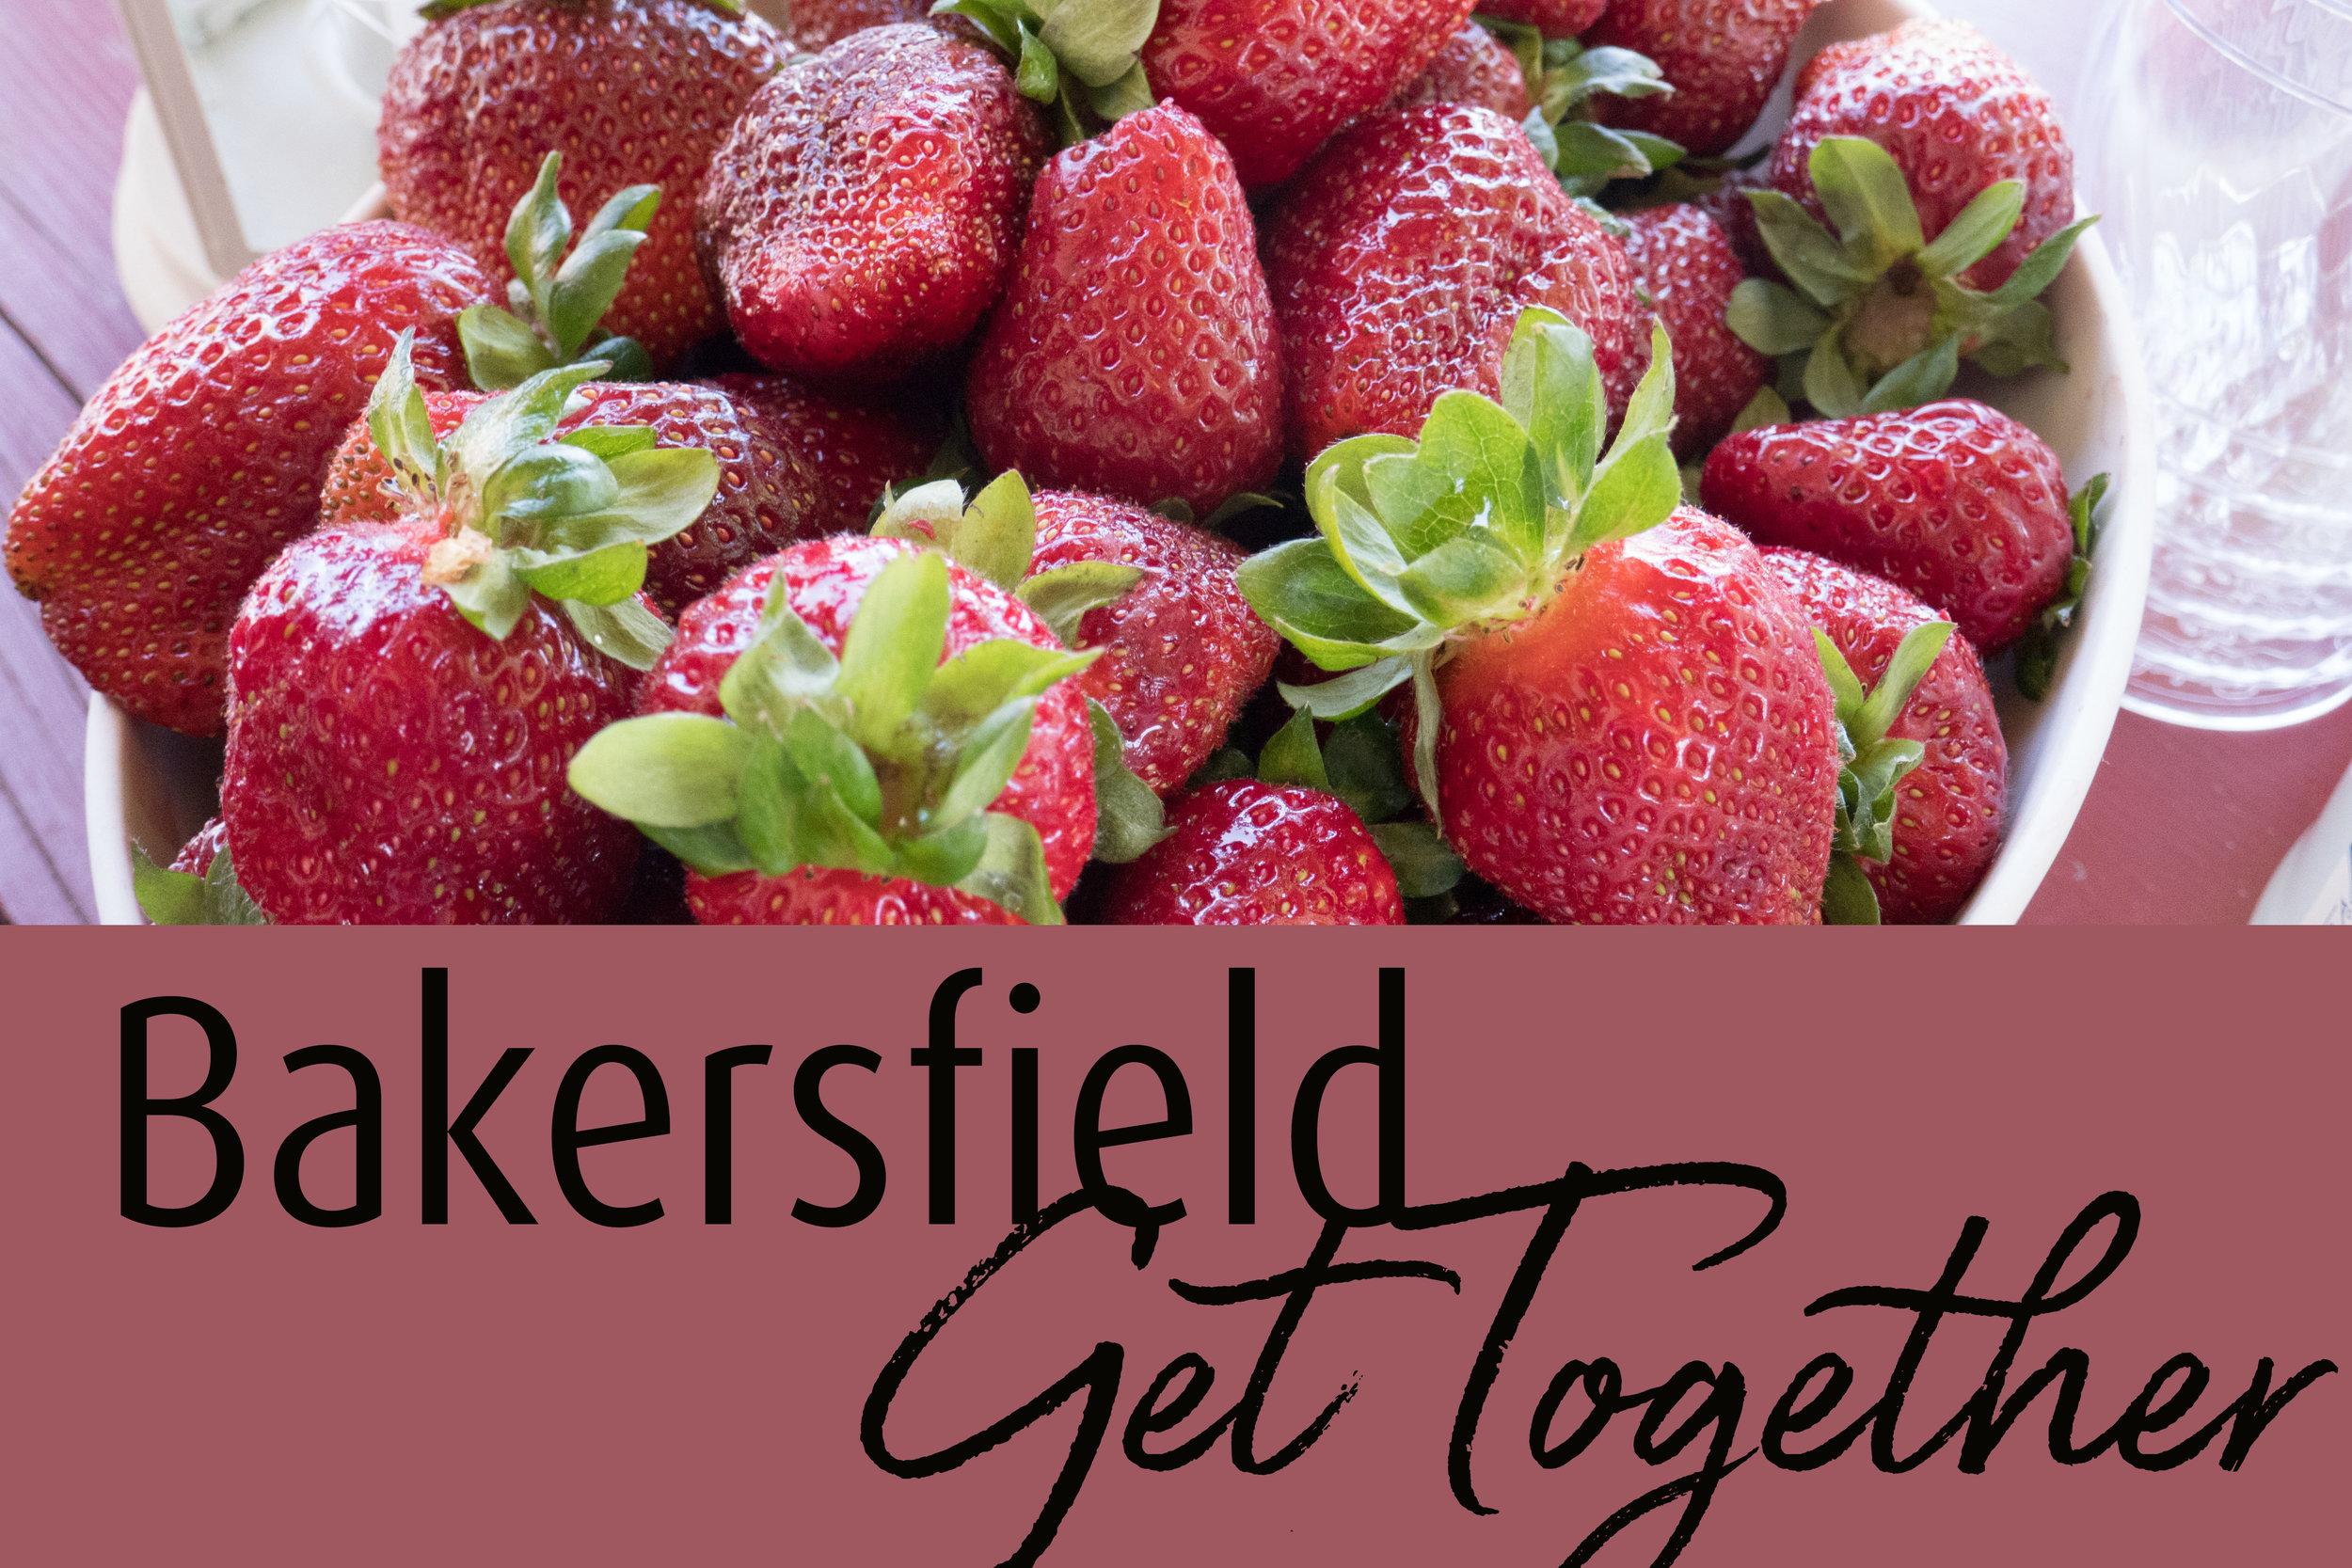 Bakersfield Get Together.jpg